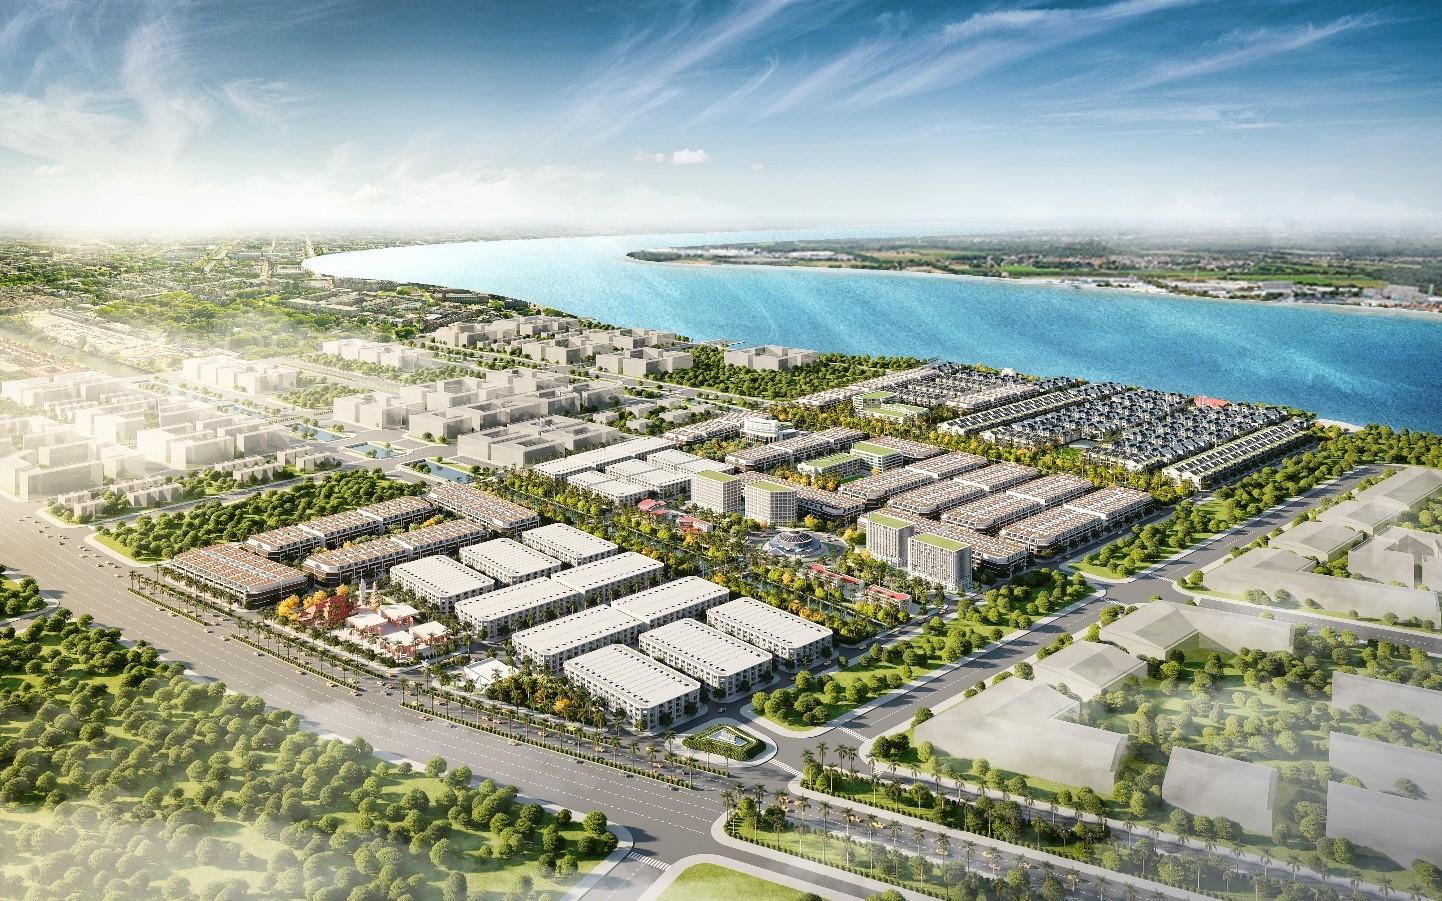 khu đô thị nhìn từ trên cao